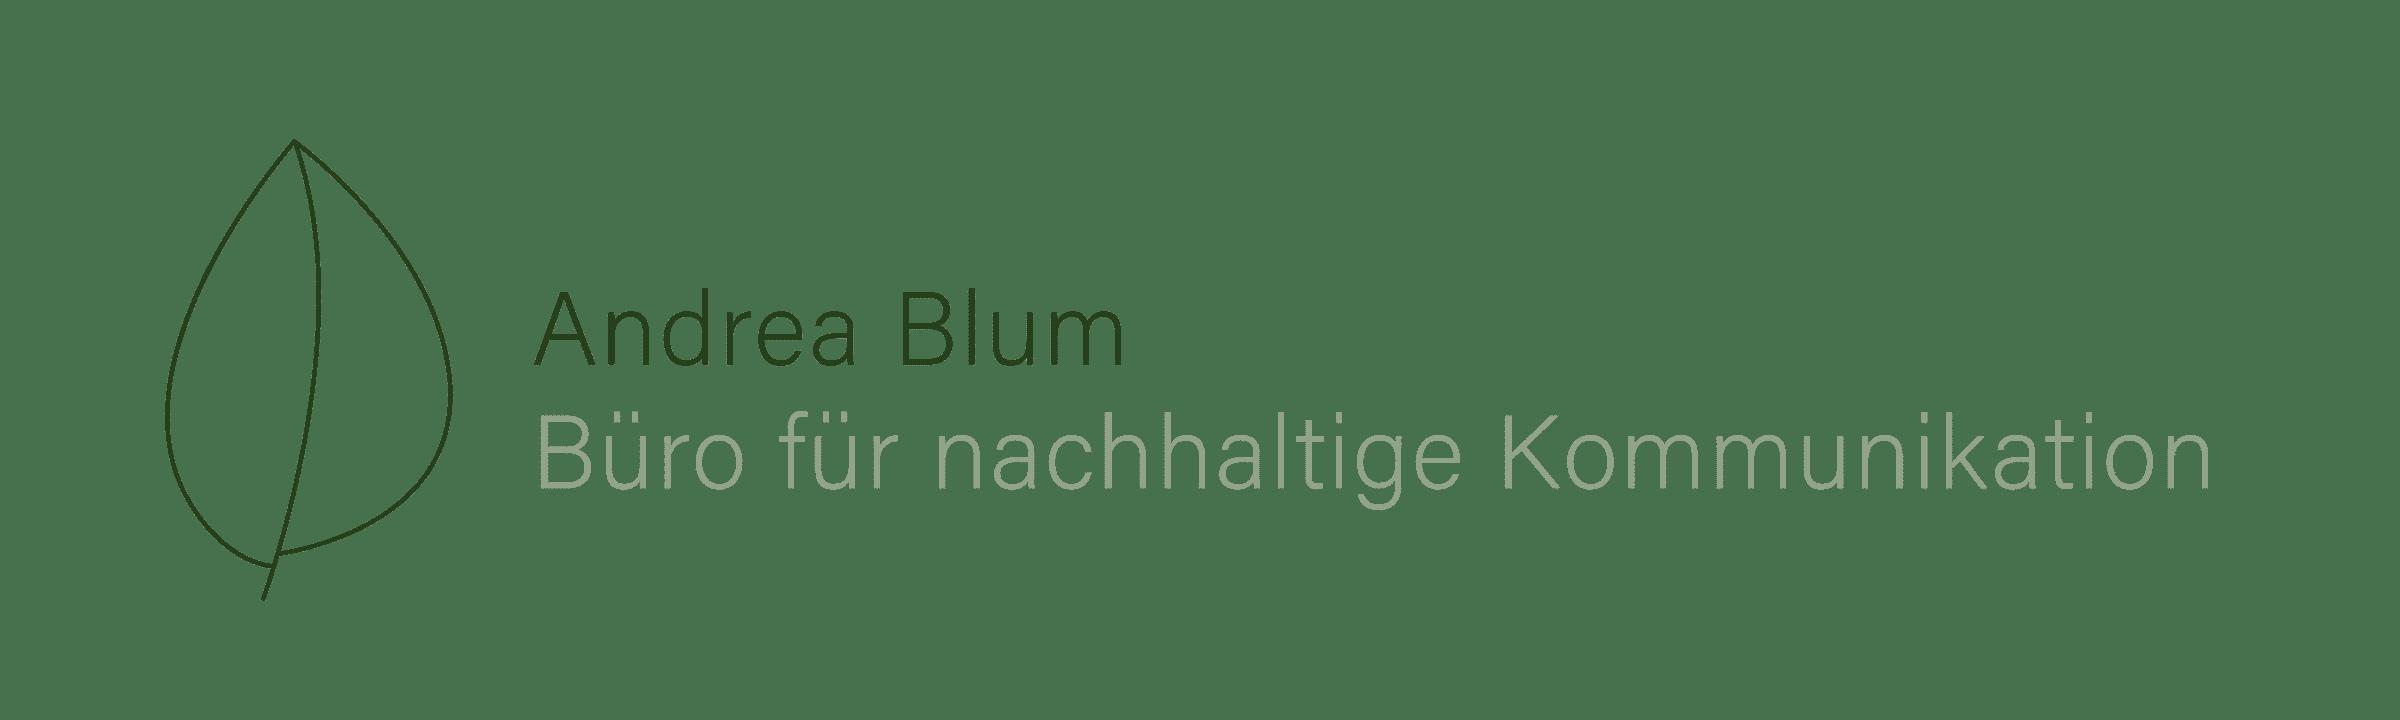 Andrea  Blum | Büro für nachhaltige Kommunikation